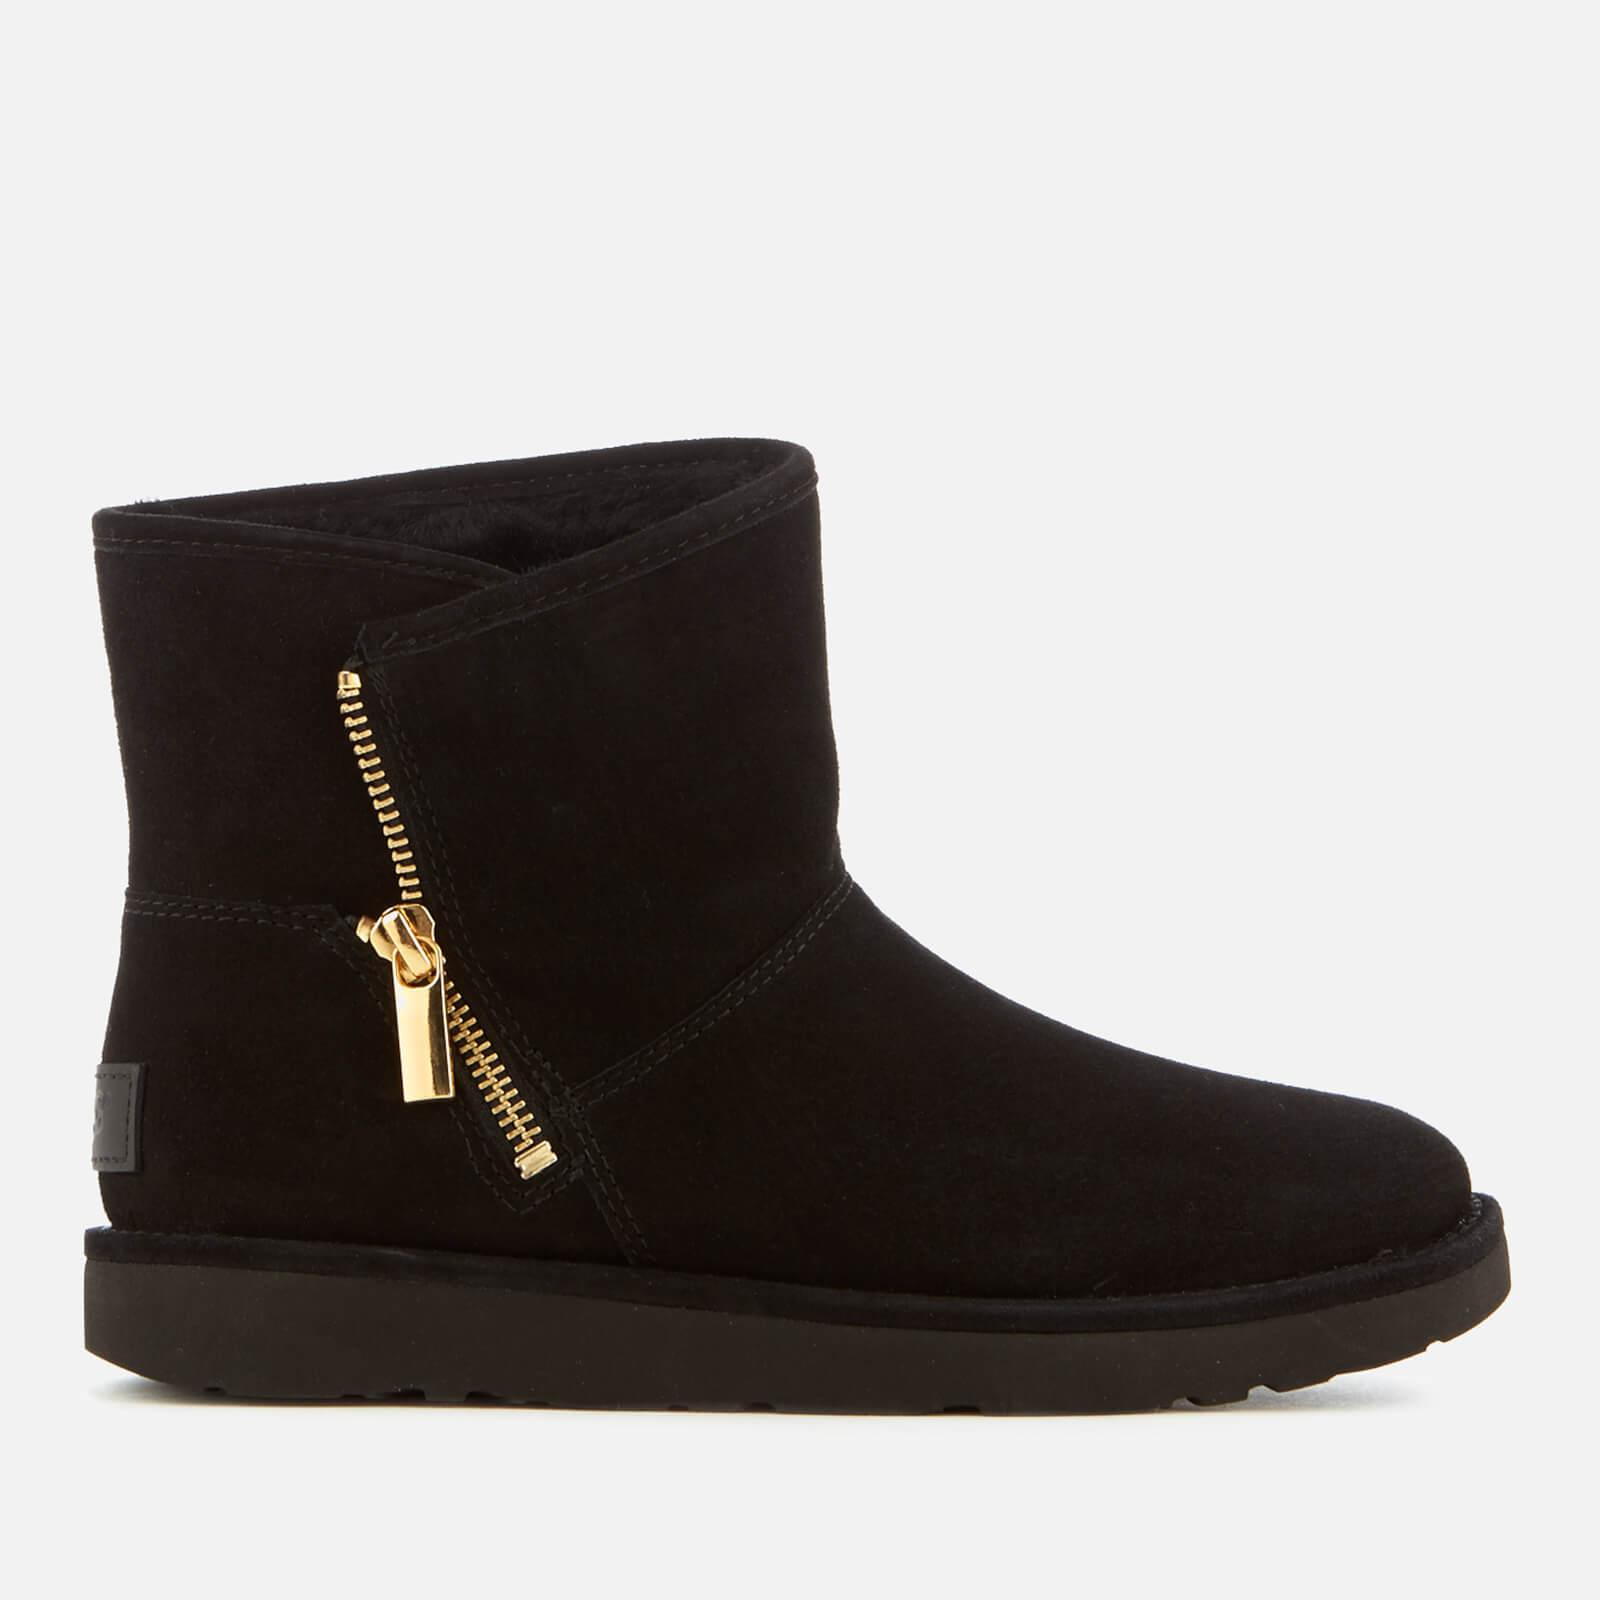 266b9525d63 UGG Women's Kip Suede Zip Side Boots in Black - Lyst